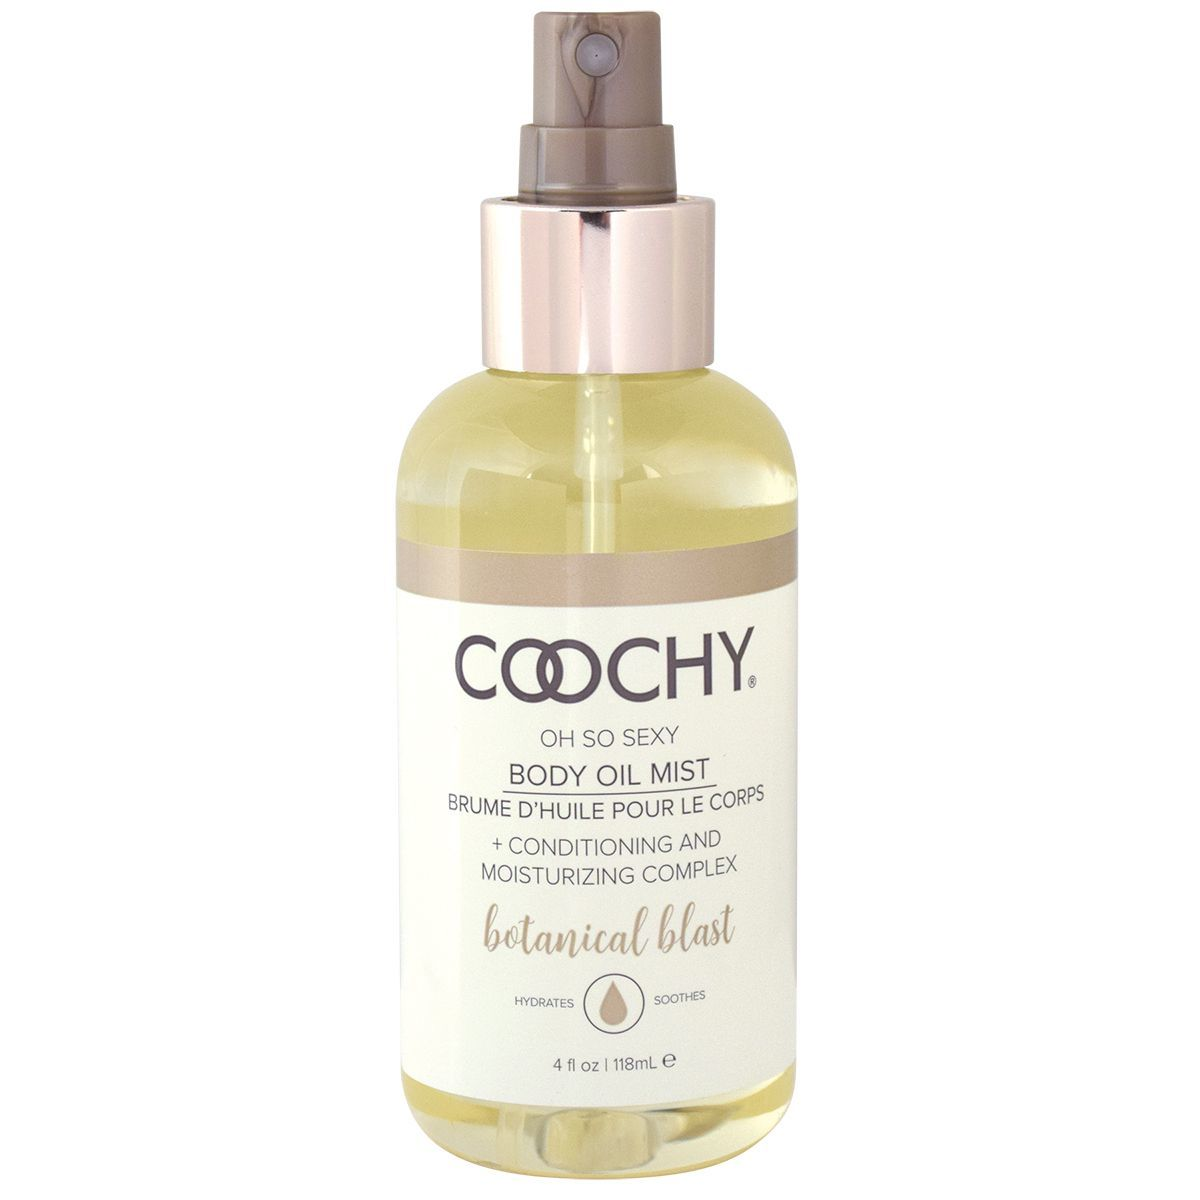 Средства по уходу за телом, косметика: Увлажняющее масло с феромонами COOCHY Botanical Mist - 118 мл.